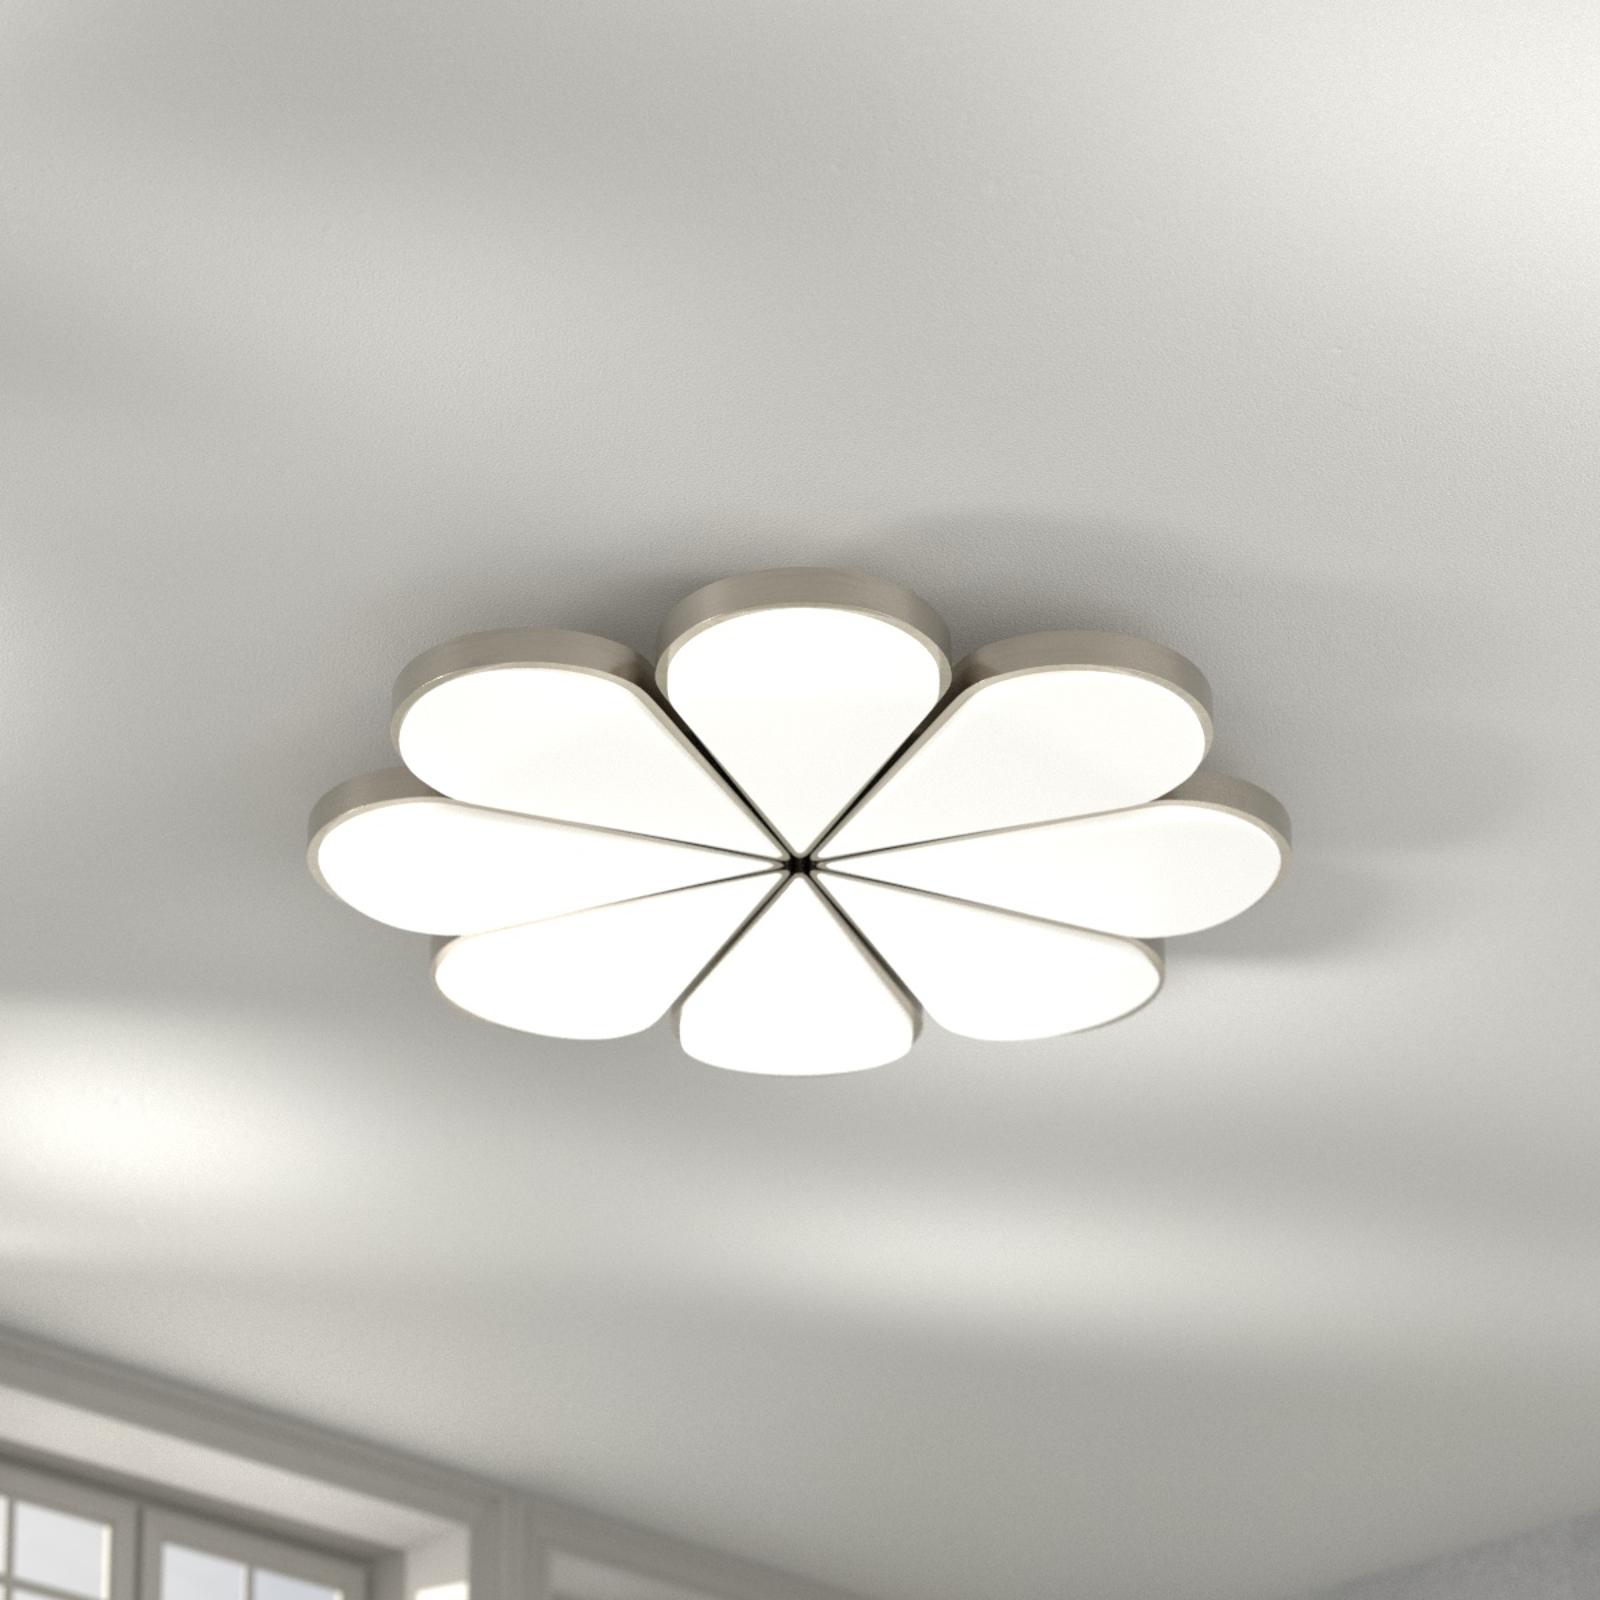 B-Leuchten Flower LED-Deckenleuchte CCT Ø 61 cm